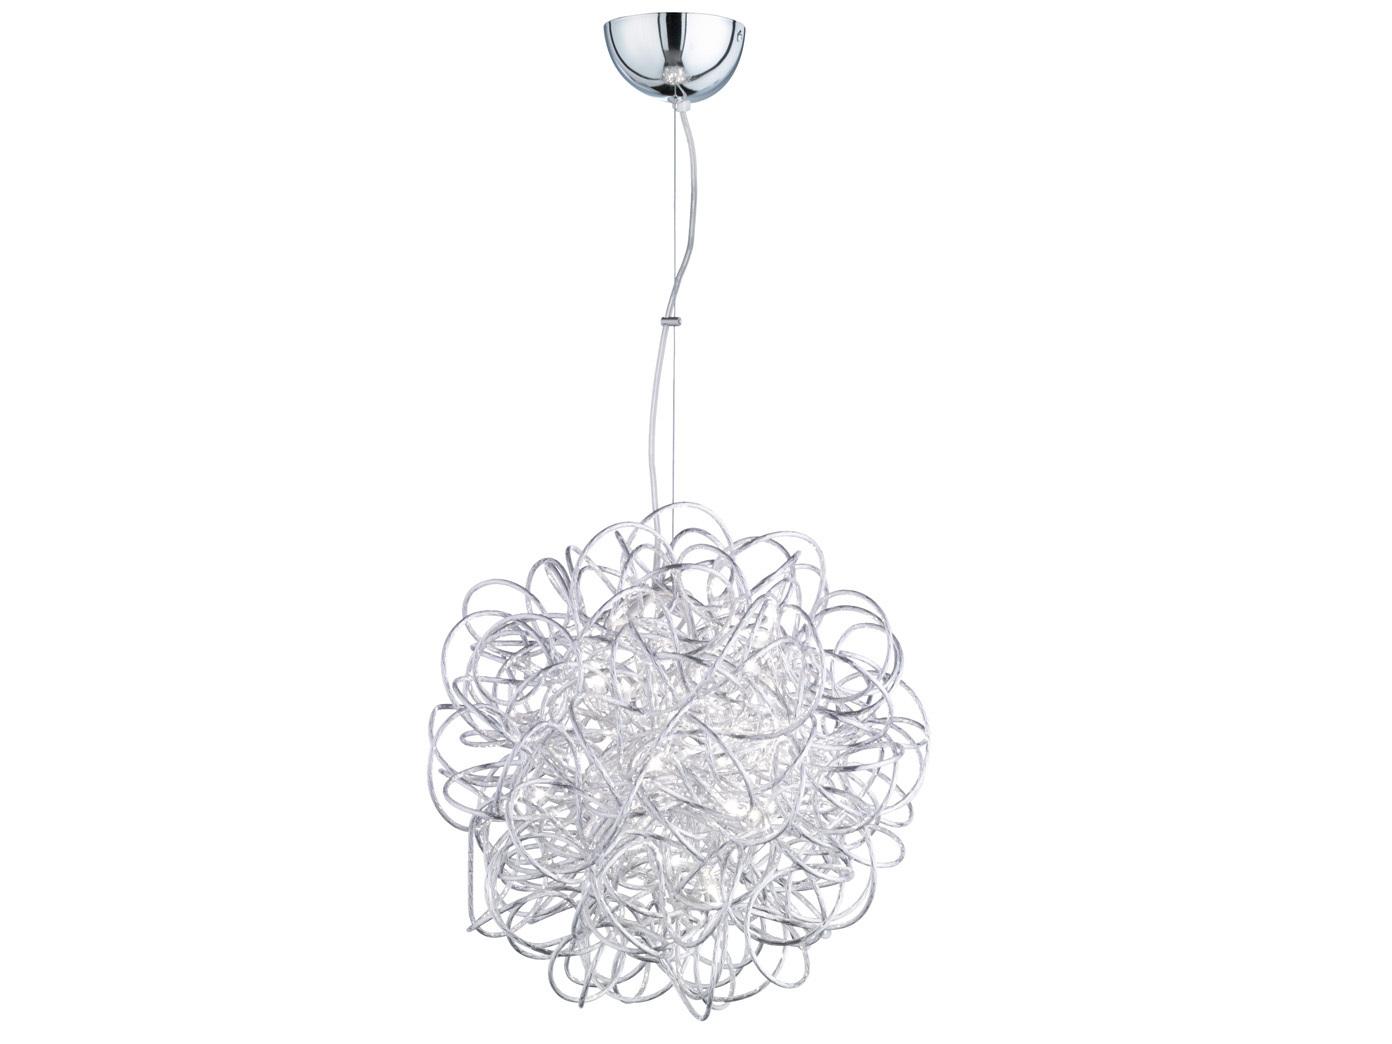 Pendelleuchte Modern led hängele in silber ø 43cm hängeleuchten esszimmer